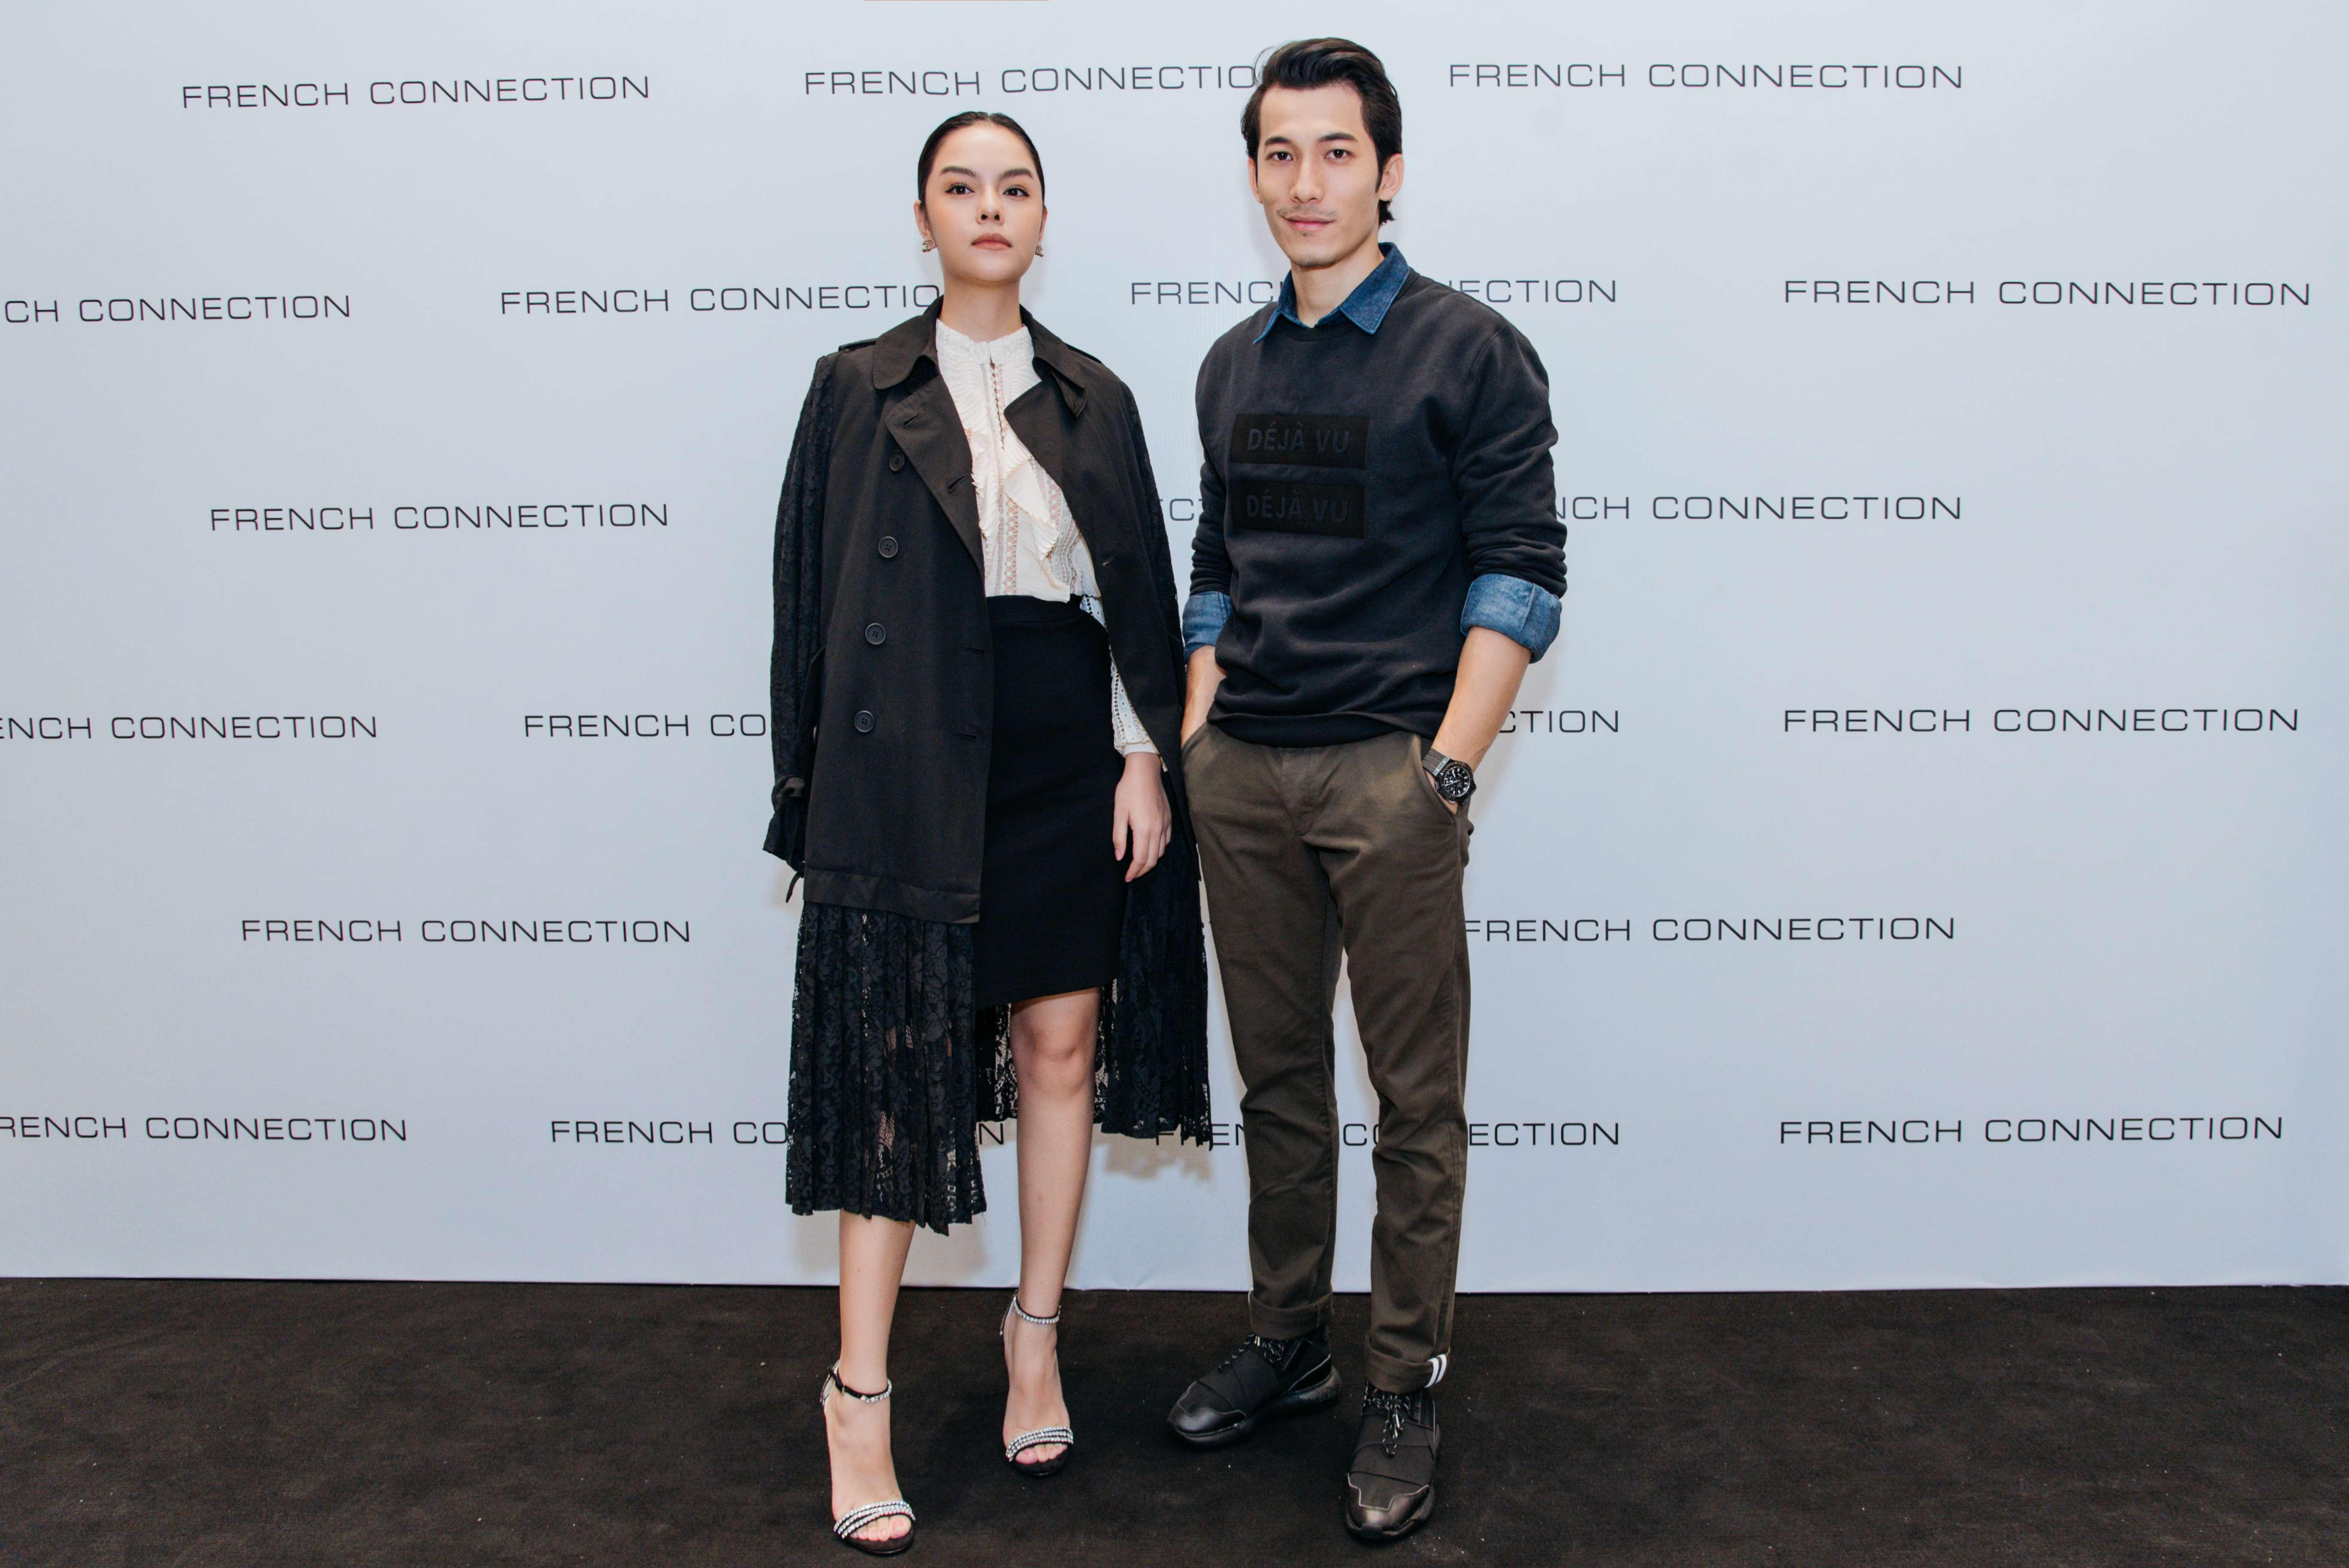 Phạm Quỳnh Anh và Liên Bỉnh Phát tại sự kiện ra mắt BST Thu - Đông 2018 của thương hiệu French Connection